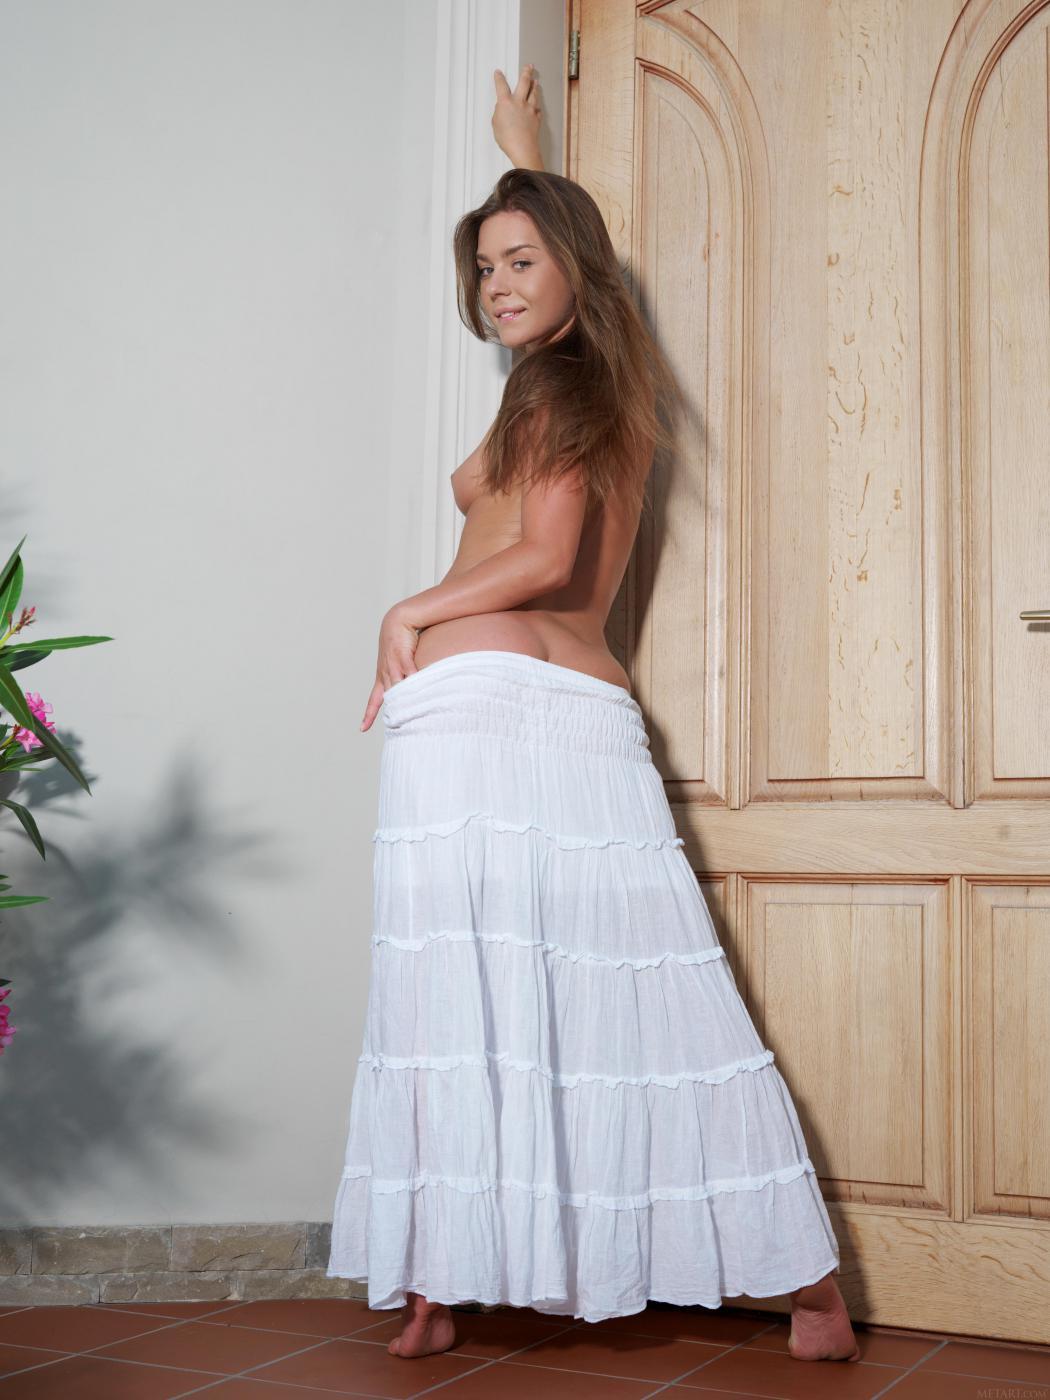 Невероятно симпатичная крошка Lily C спускает платье и показывает свою манду